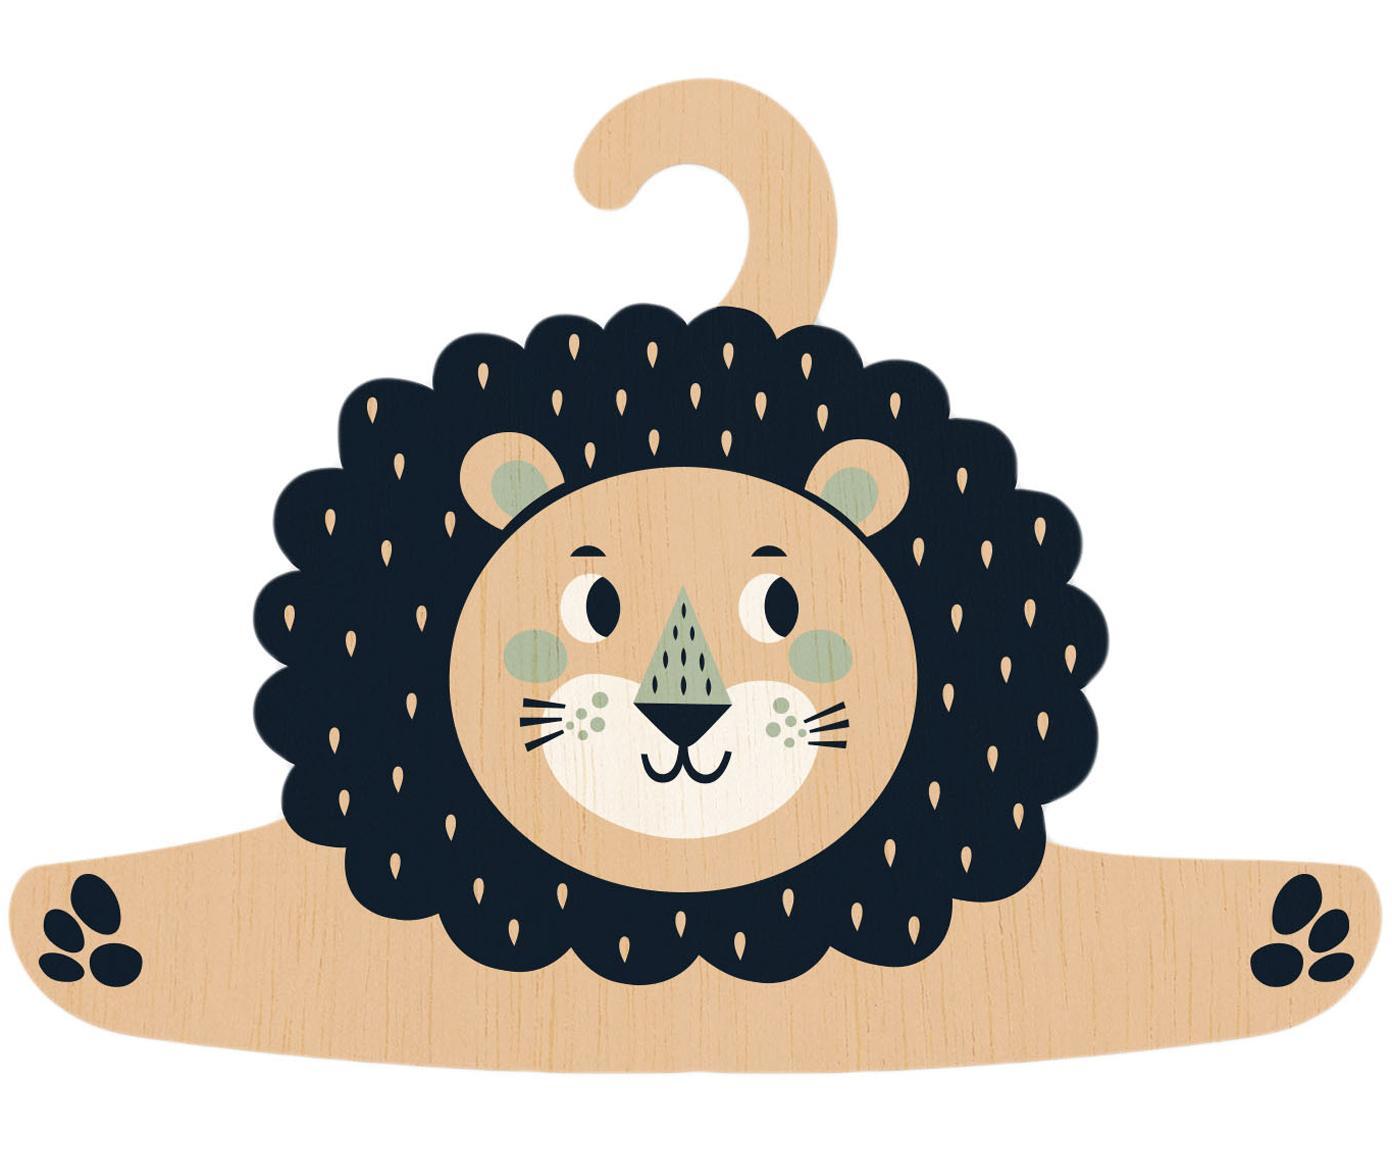 Wieszak na ubrania Lion, Sklejka powlekana, Czarny, beżowy, zielony miętowy, kremowy, S 30 x W 30 cm